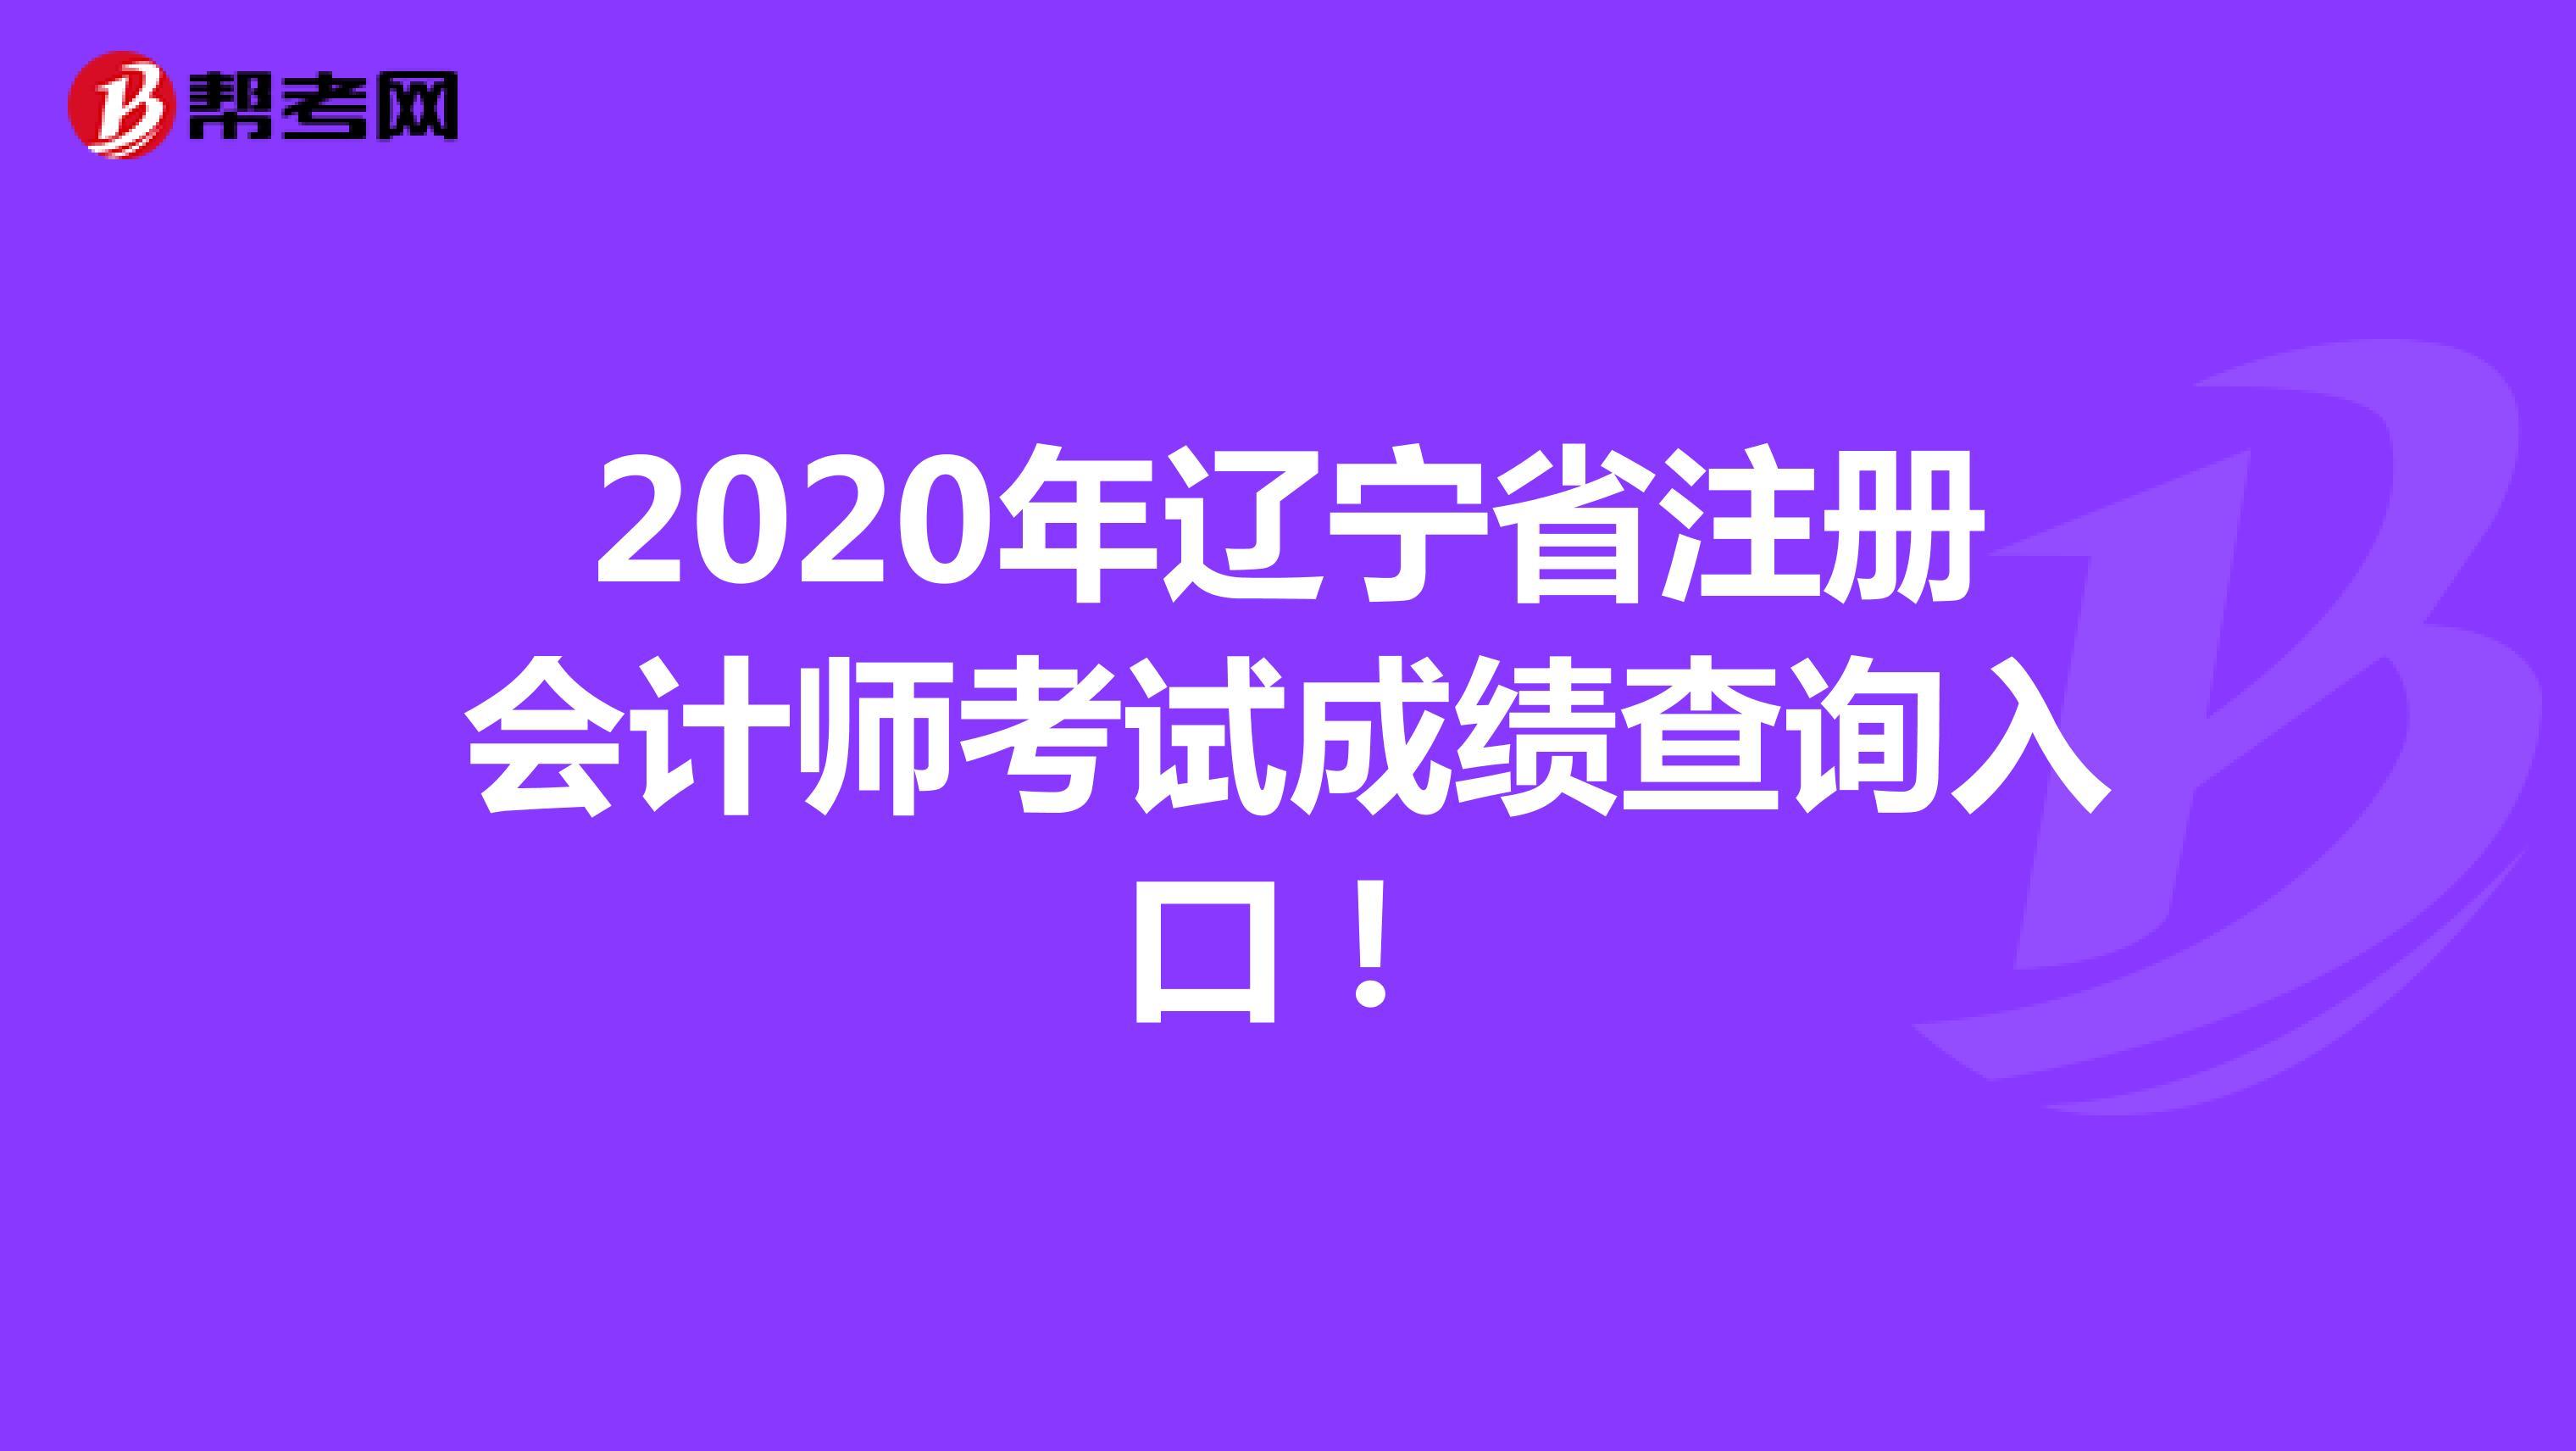 2020年辽宁省【hot88热竞技提款】注册会计师考试成绩查询入口!